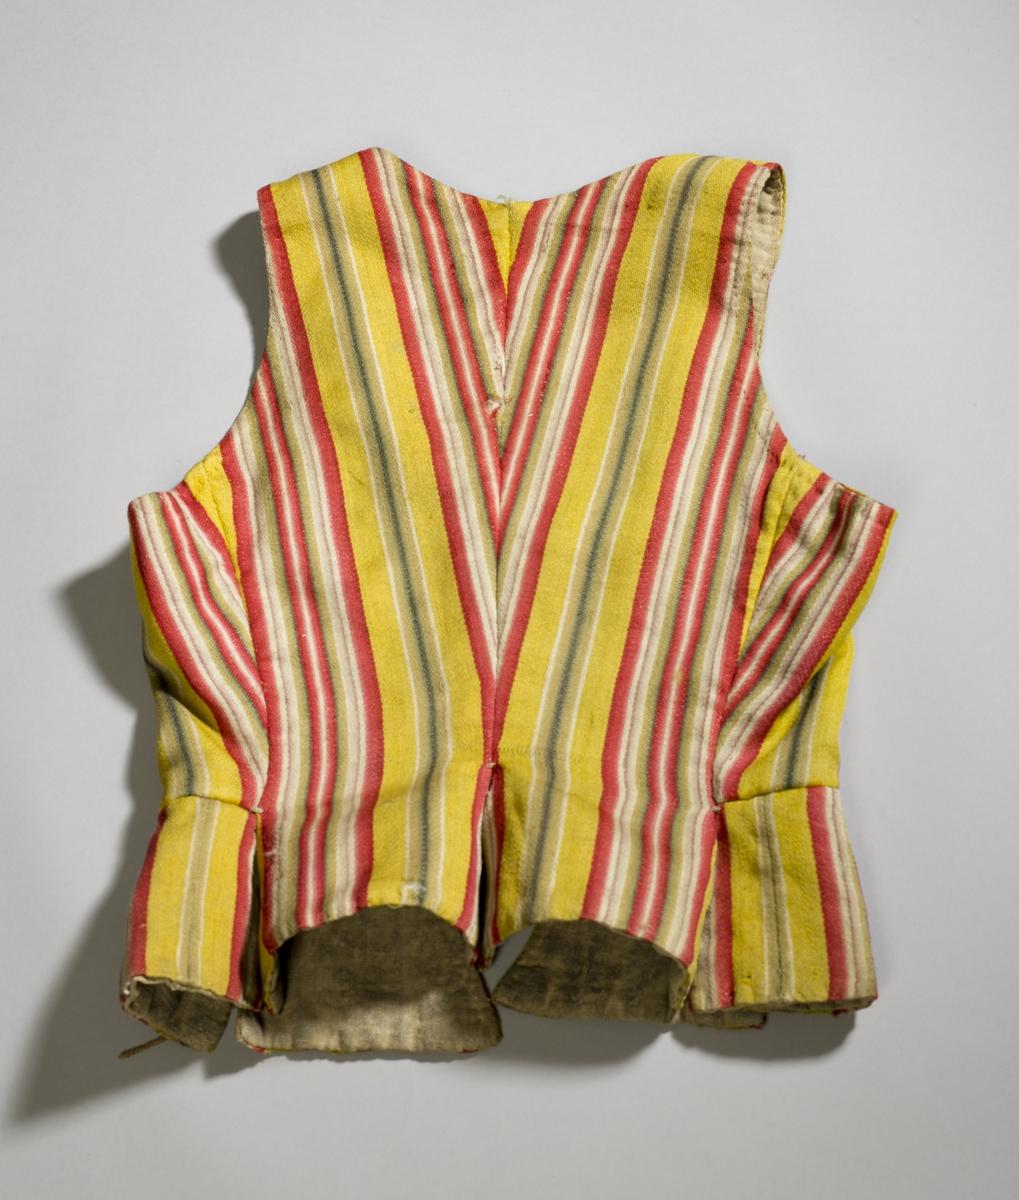 Stripete snøreliv i ull med linfór. Håndvevd og håndsydd. Oppsplittede skjøter. To par snørehull med avslitte snorer.